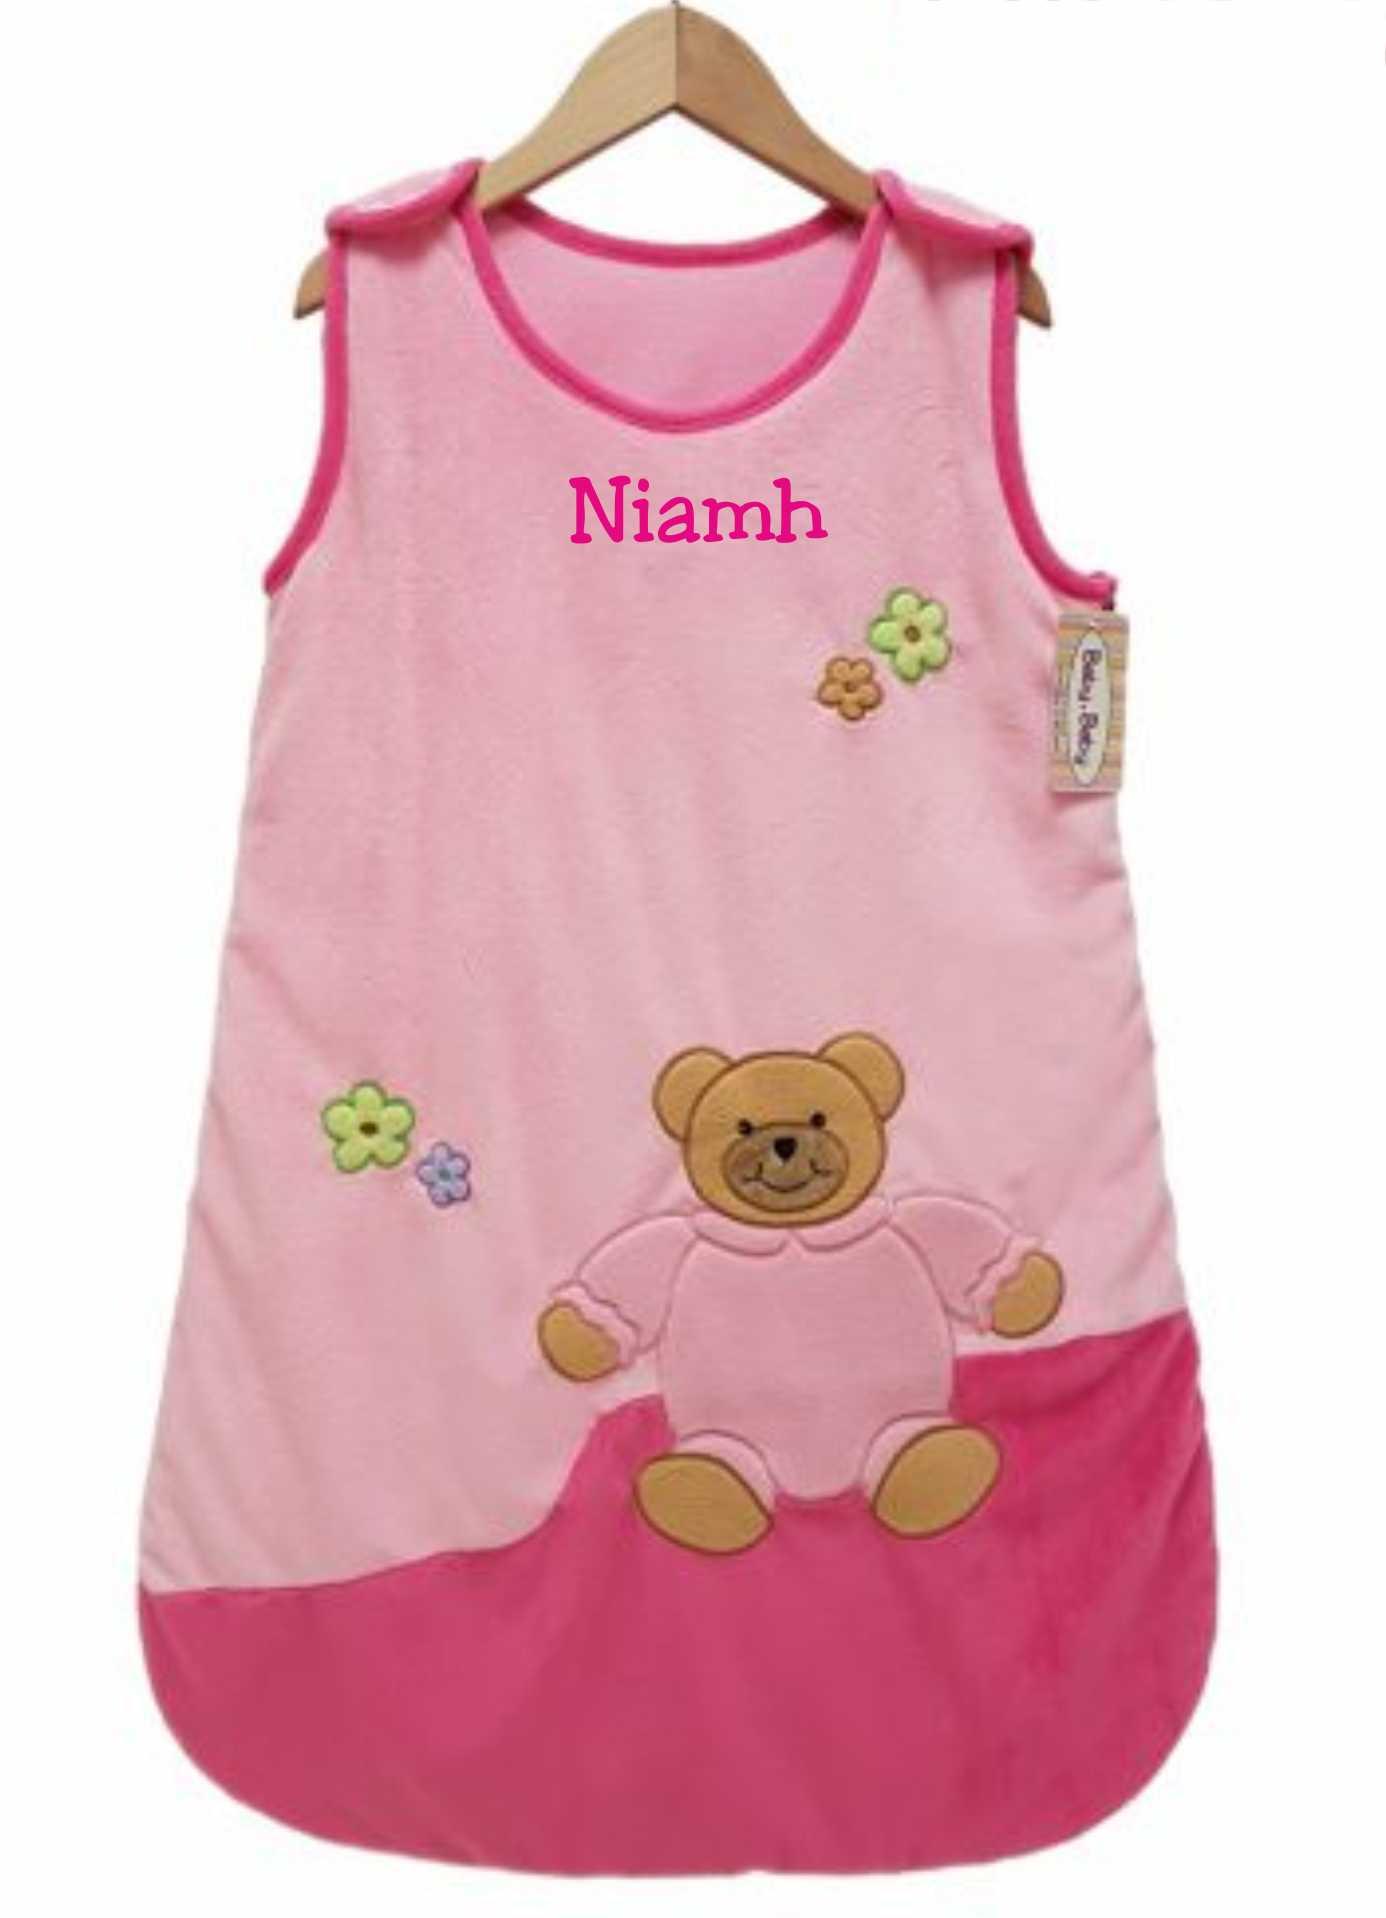 Pink Velour Sleepbag - €23.99 : Personalised Gifts, Ennis Clare ...